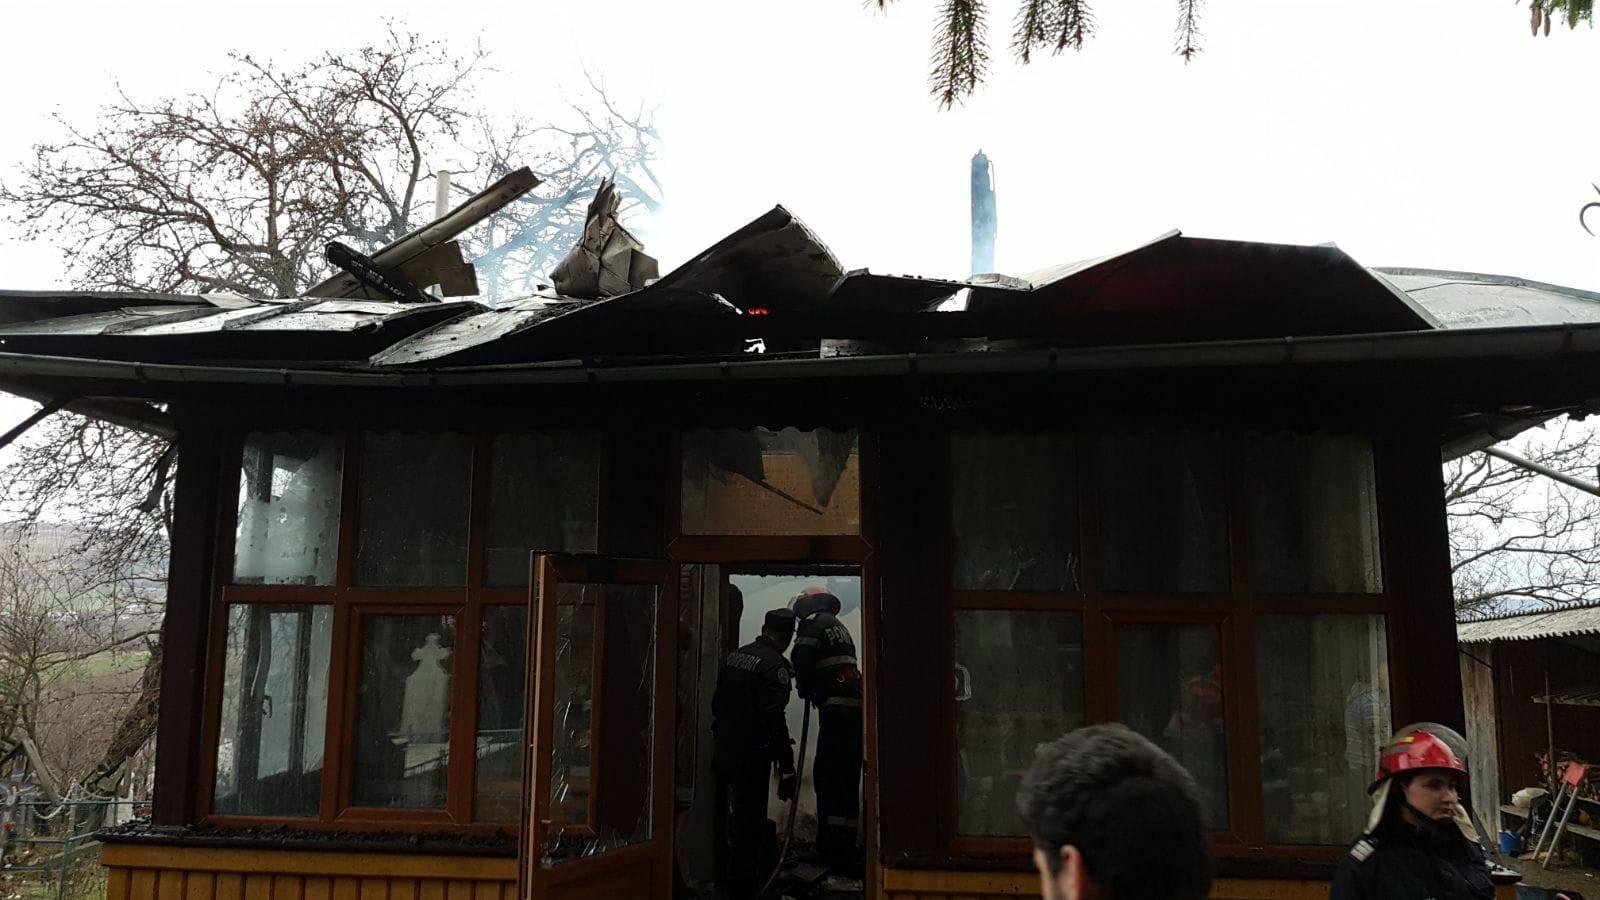 Vâlcea: Biserică din lemn, monument istoric, cuprinsă de flăcări